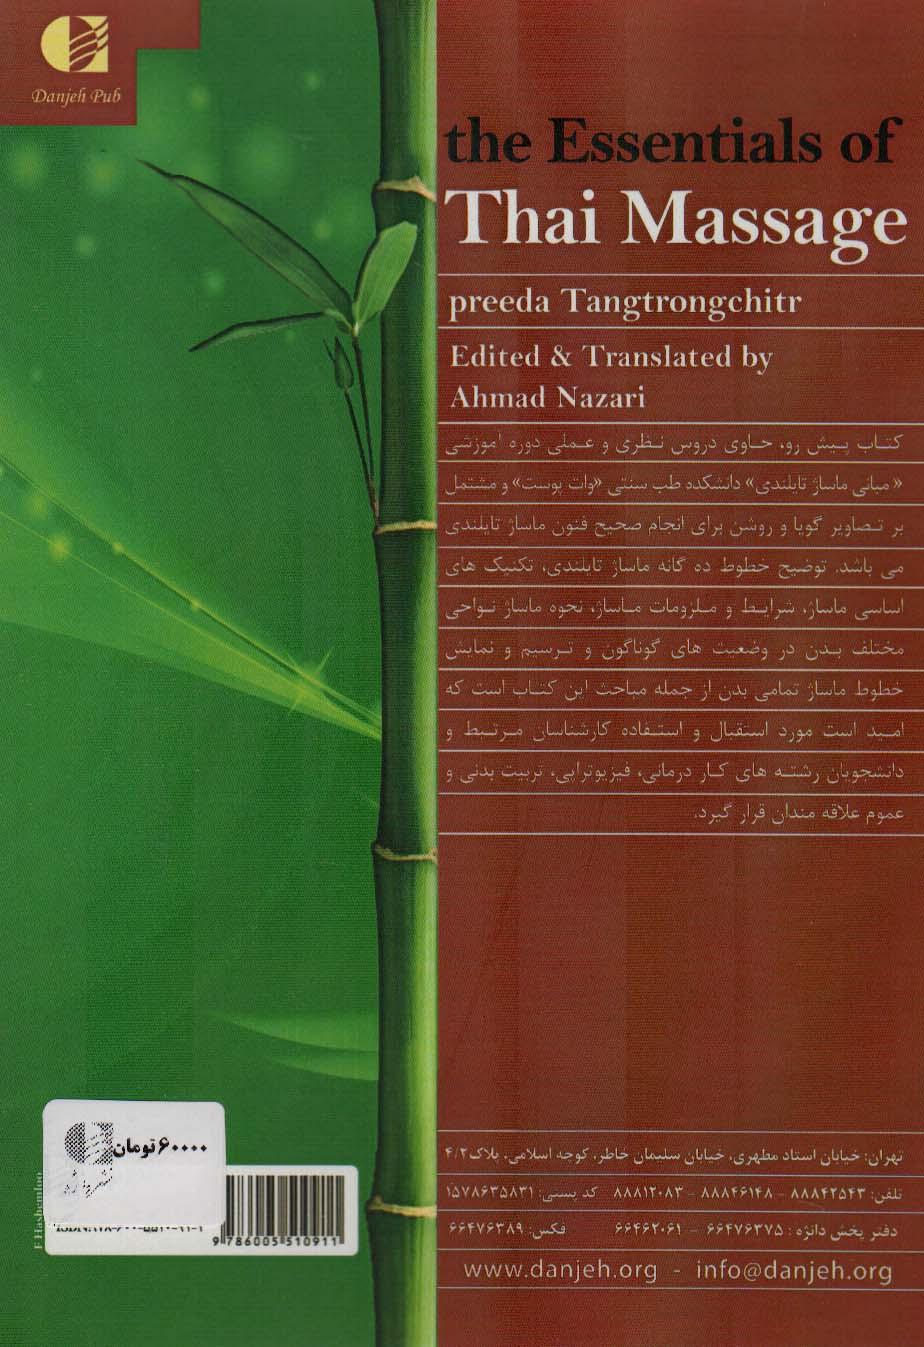 مبانی ماساژ تایلندی